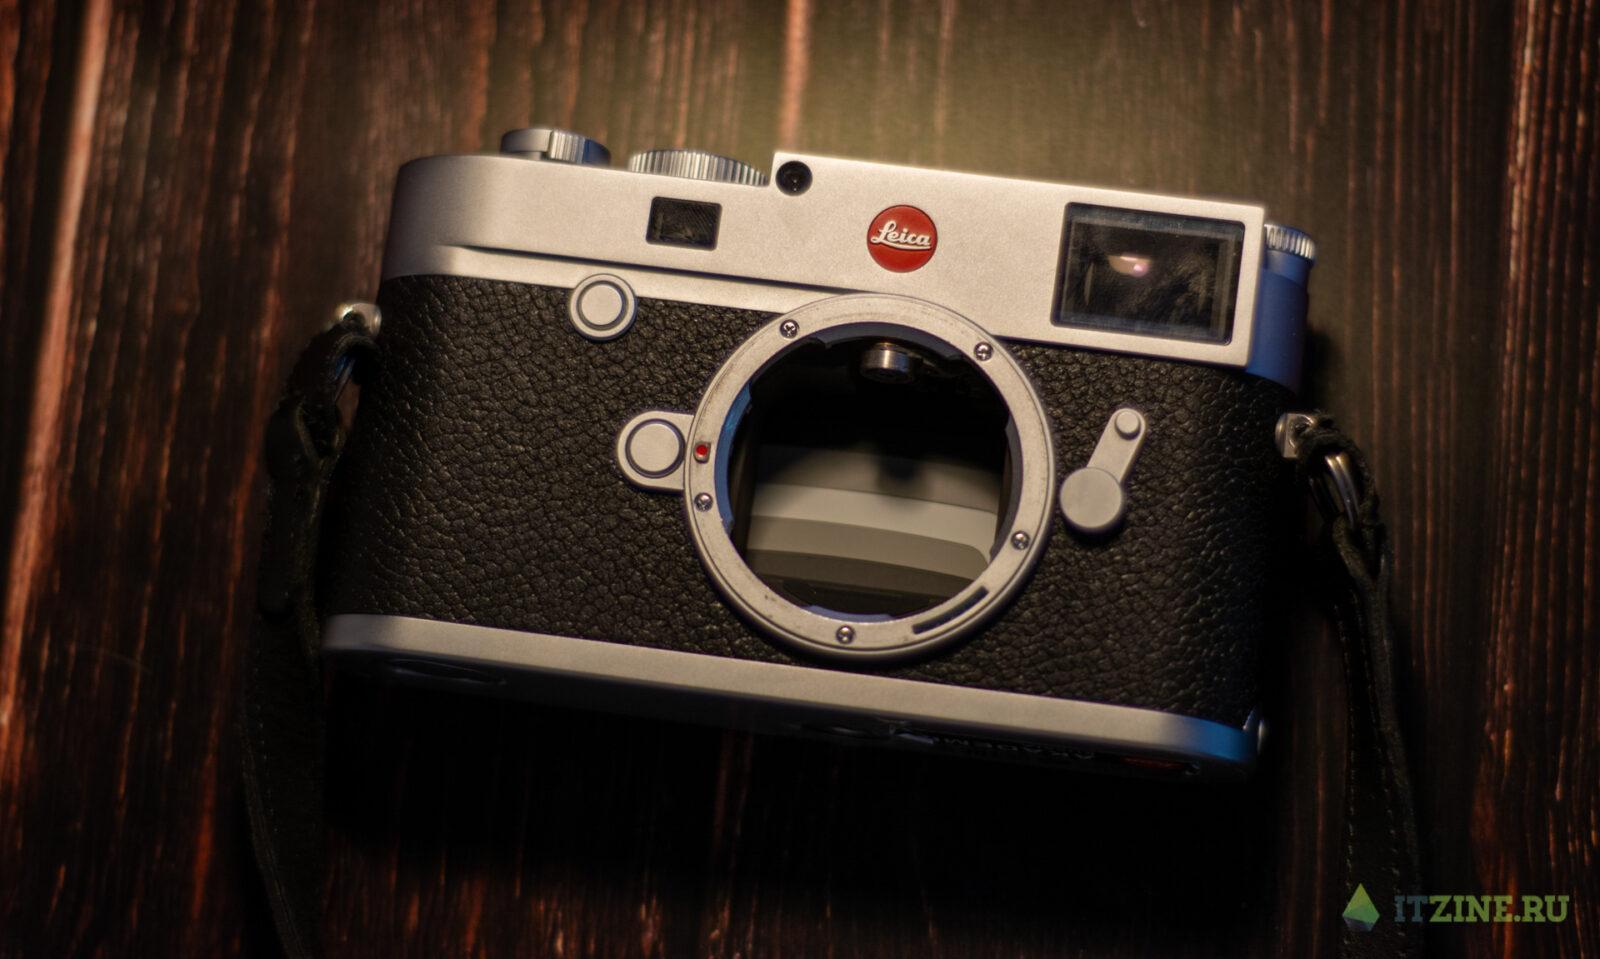 Обзор камеры Leica M10: круче просто некуда (DSC 9364)